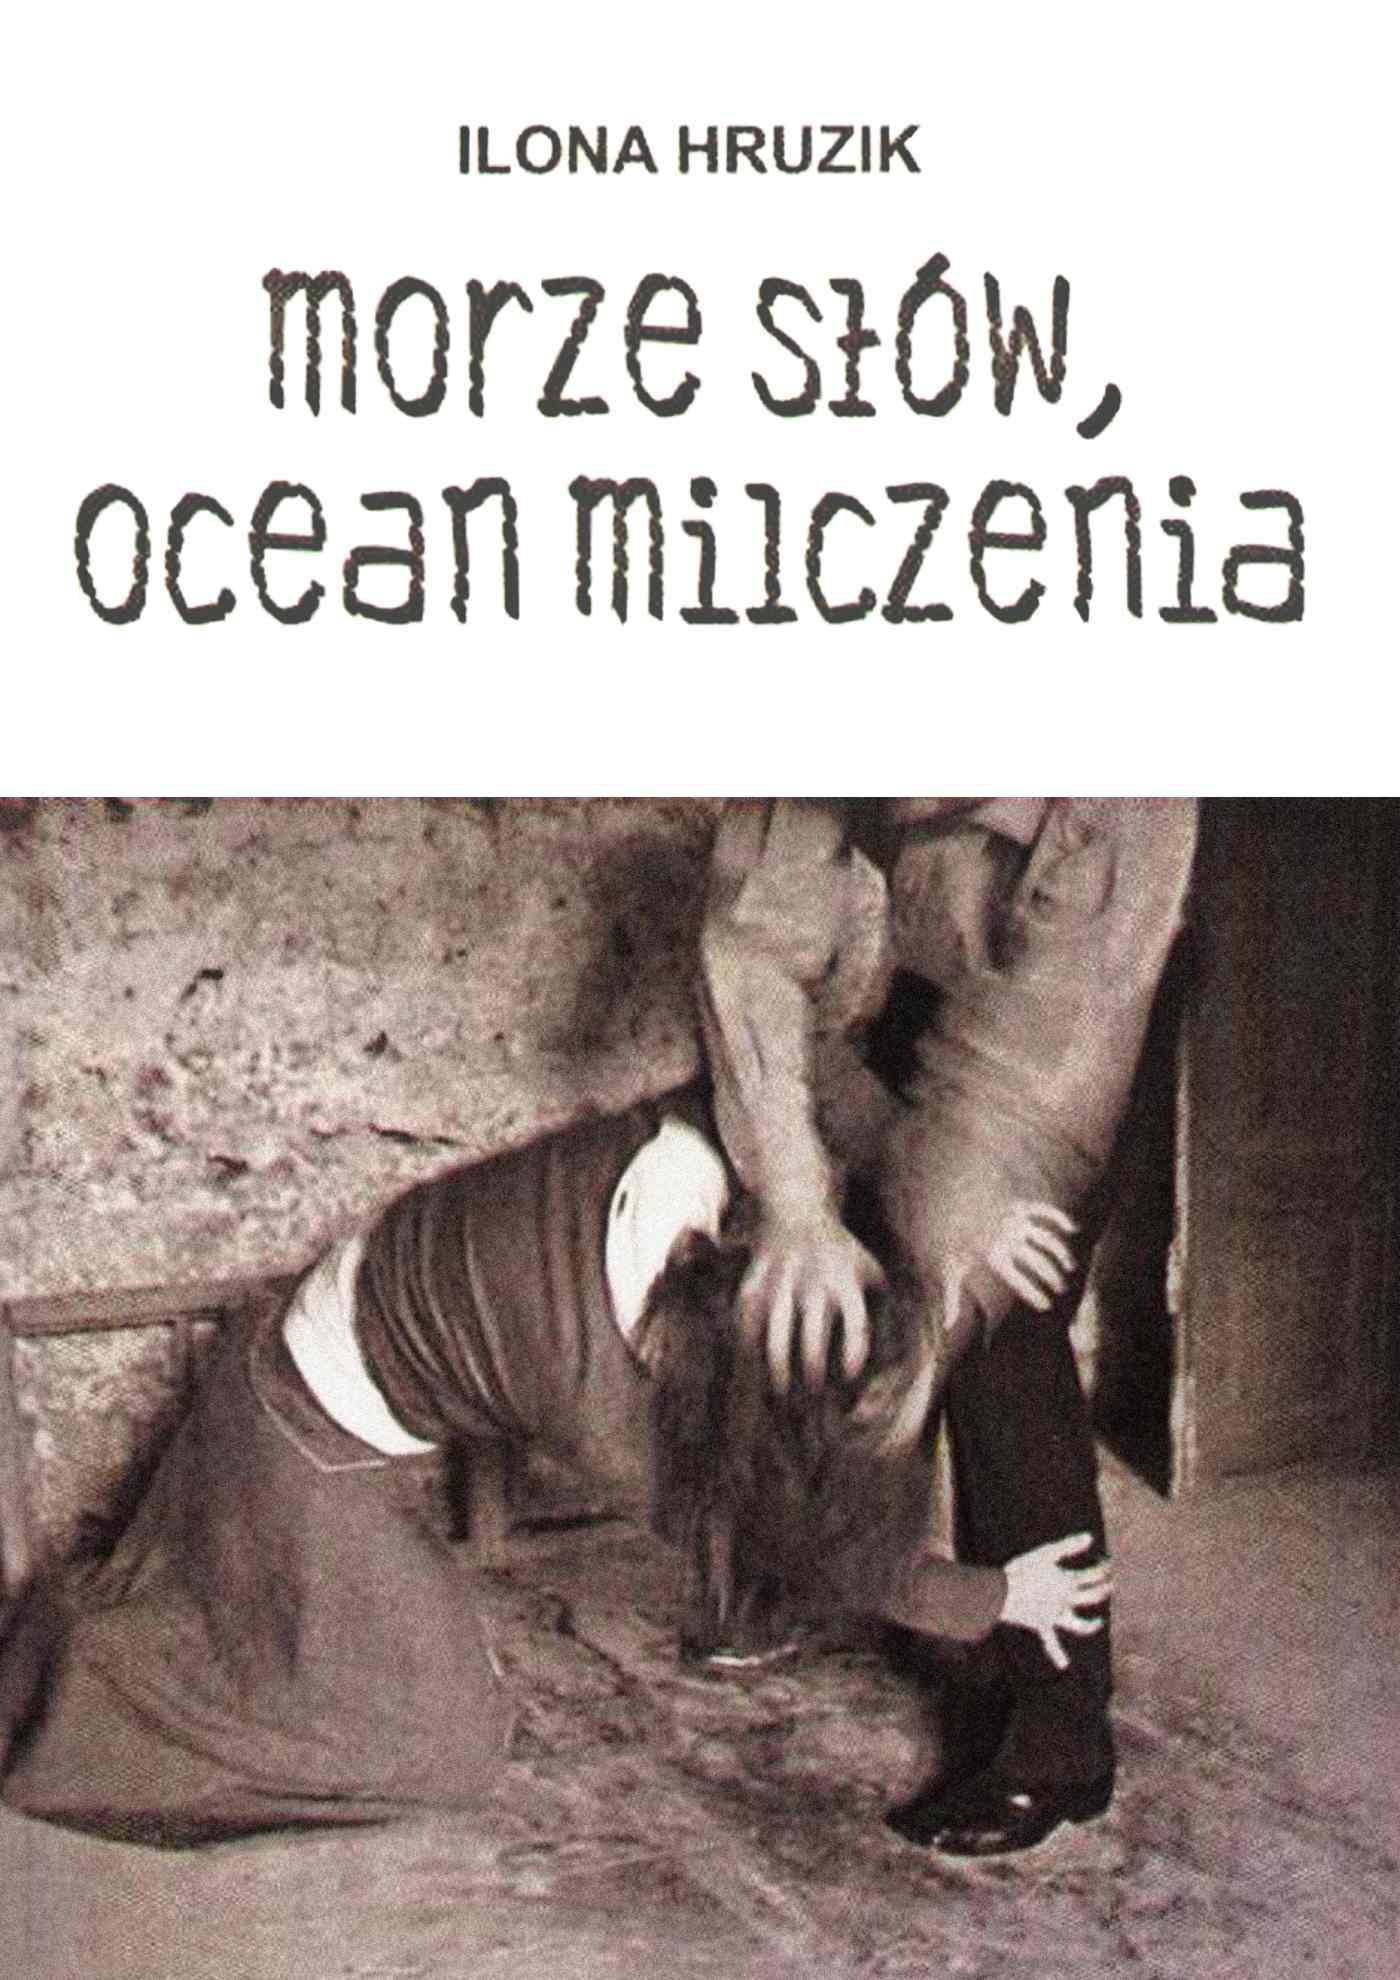 Morze słów, ocean milczenia - Ebook (Książka PDF) do pobrania w formacie PDF